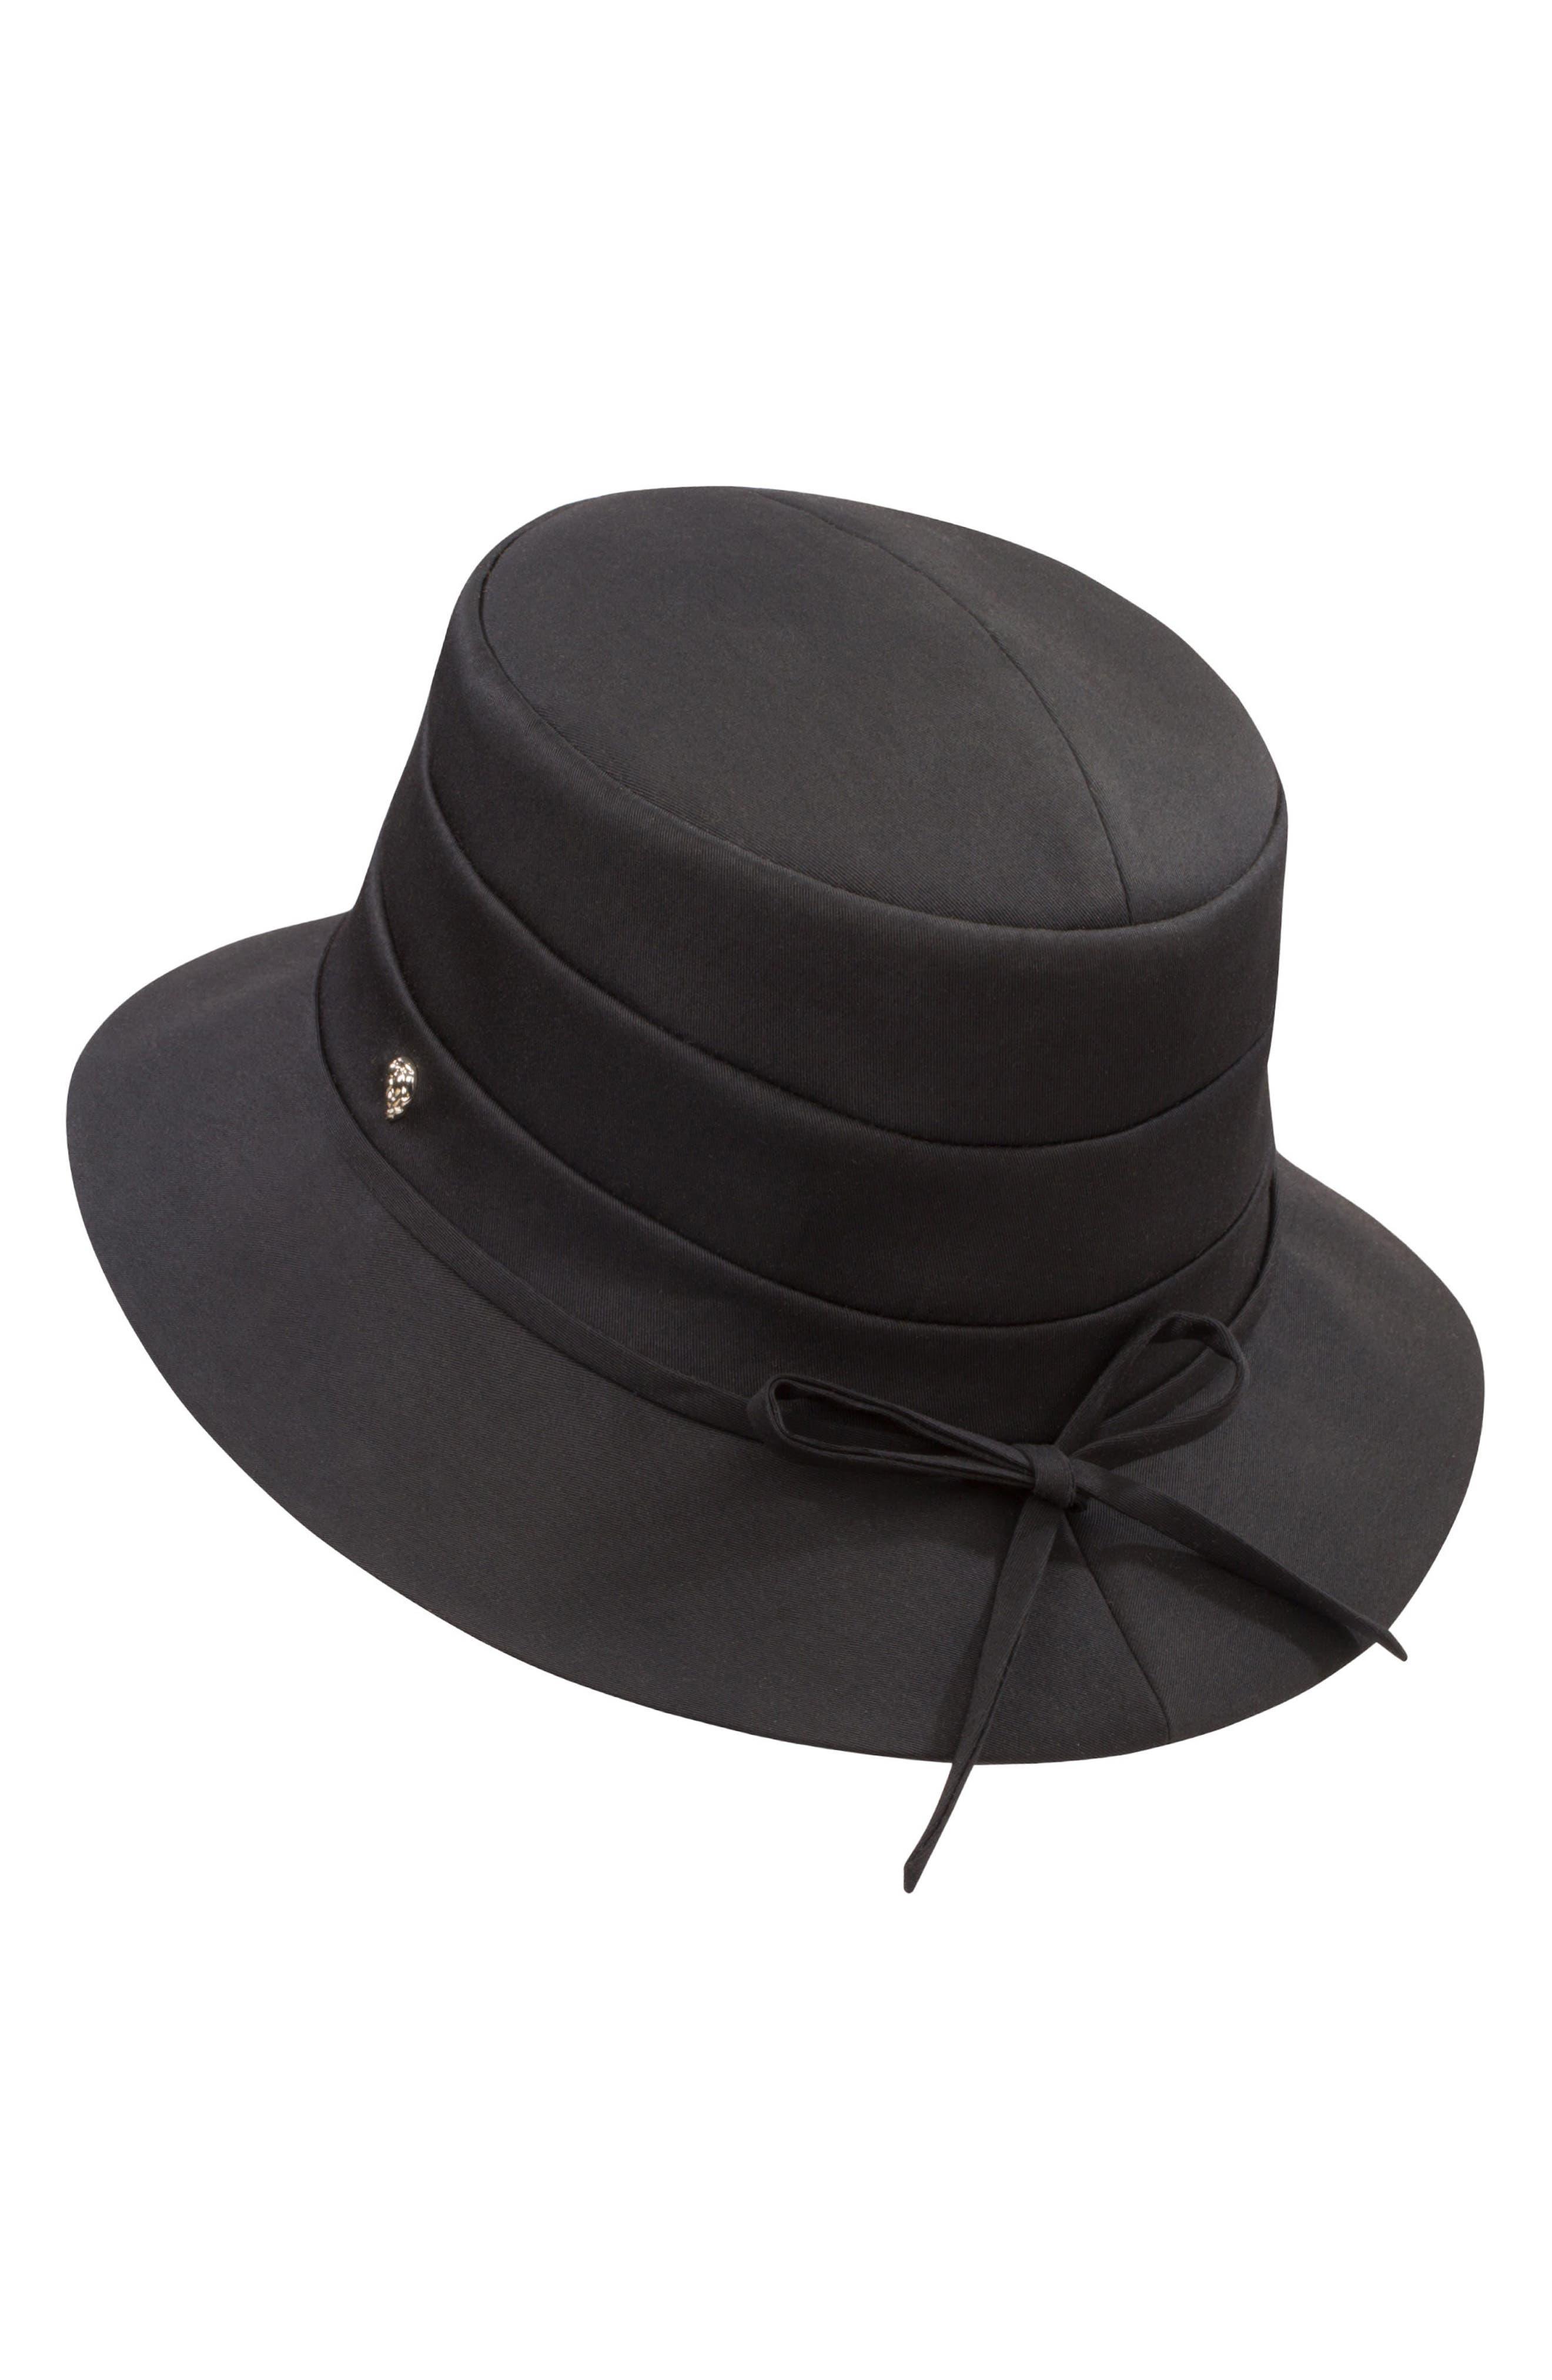 Medium Brim Water-Resistant Hat,                             Main thumbnail 1, color,                             Black